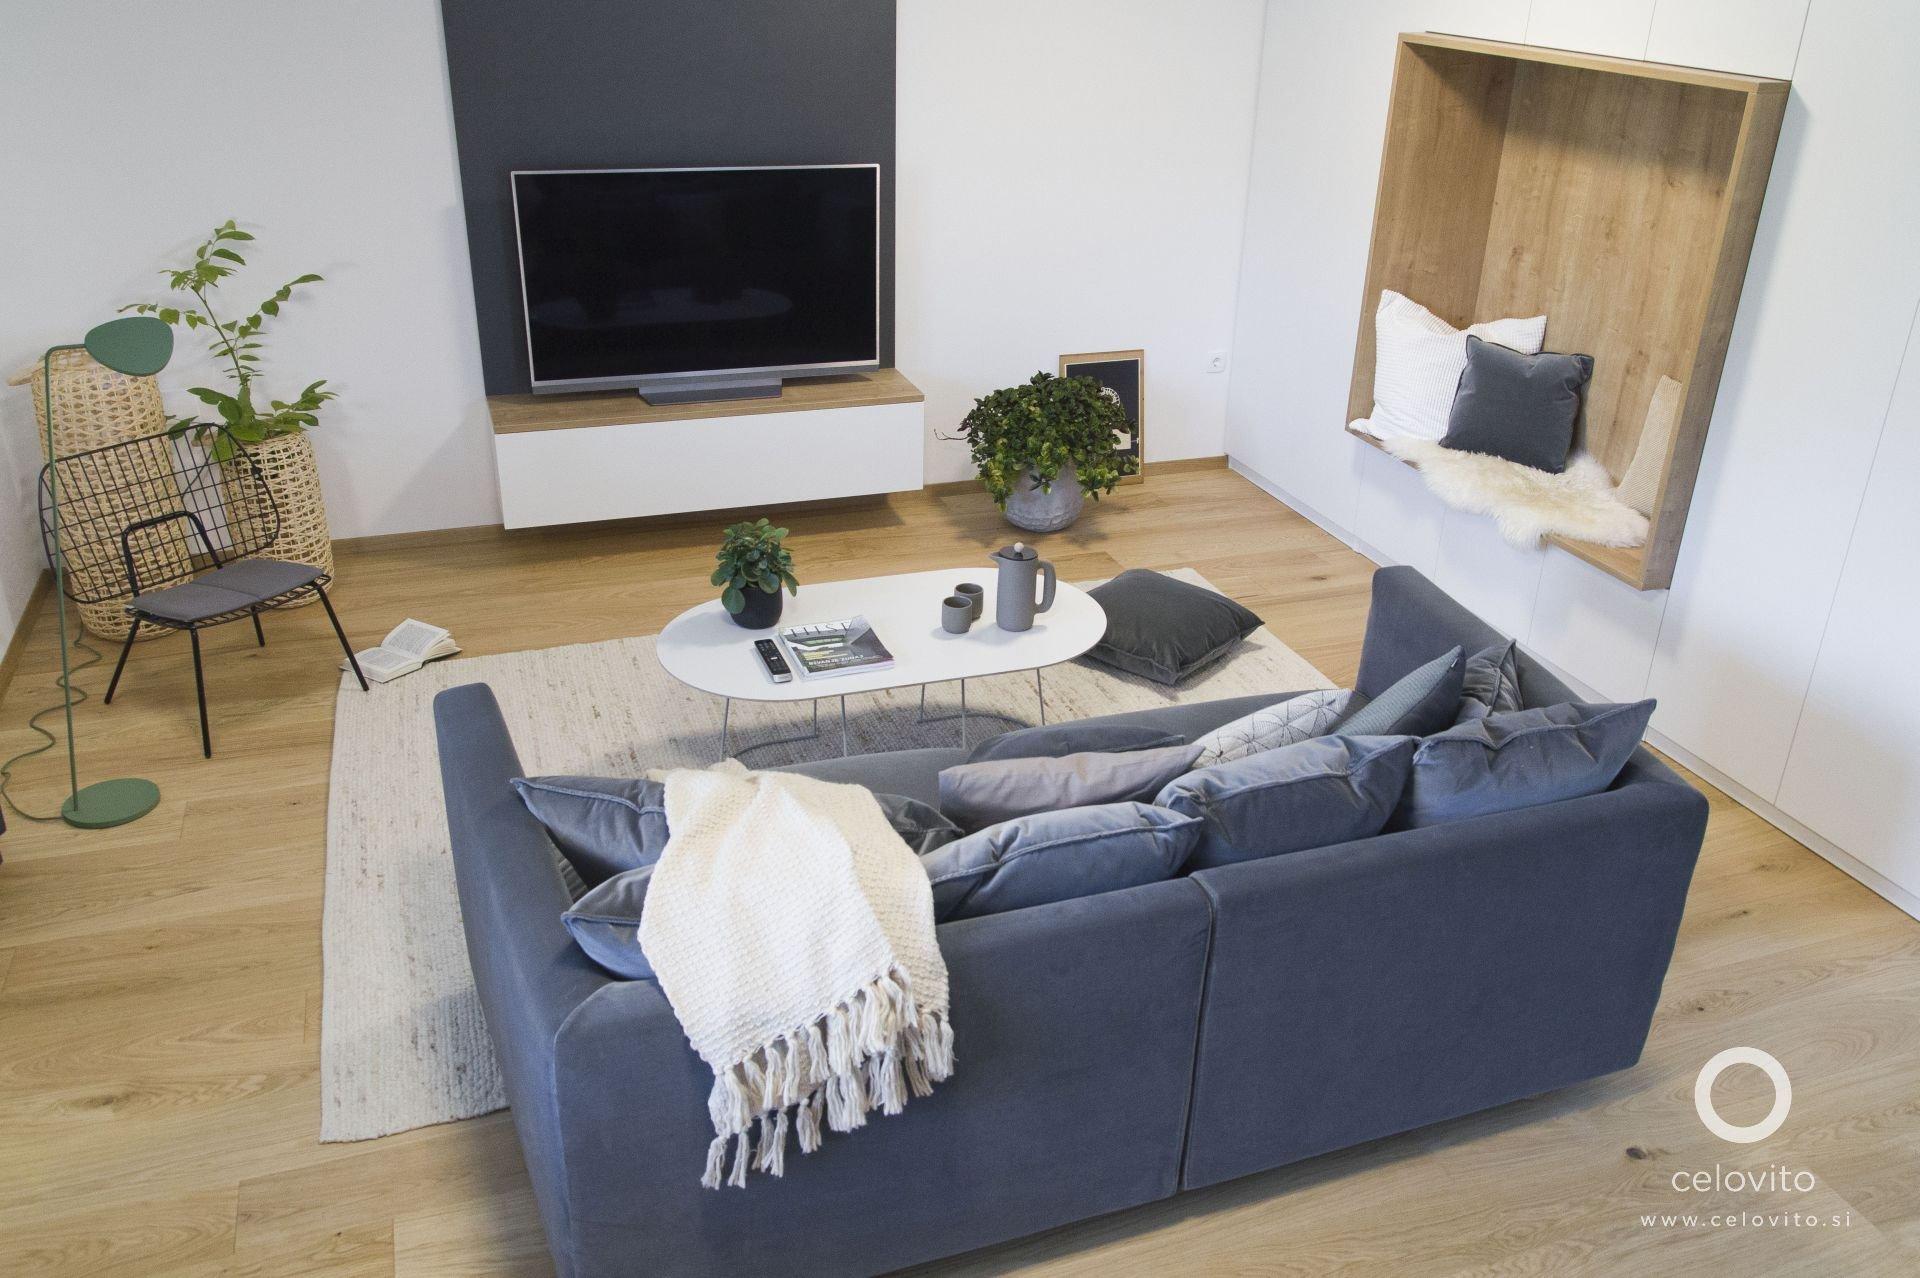 Na okraji Lublaně prošel důkladnou, ale citlivou rekonstrukcí dům ze 70. let. Jeho kompozice umožnila otevřít a propojit jednotlivé prostory, nový domov tak splnil požadavky na komfortní bydlení v moderní době.